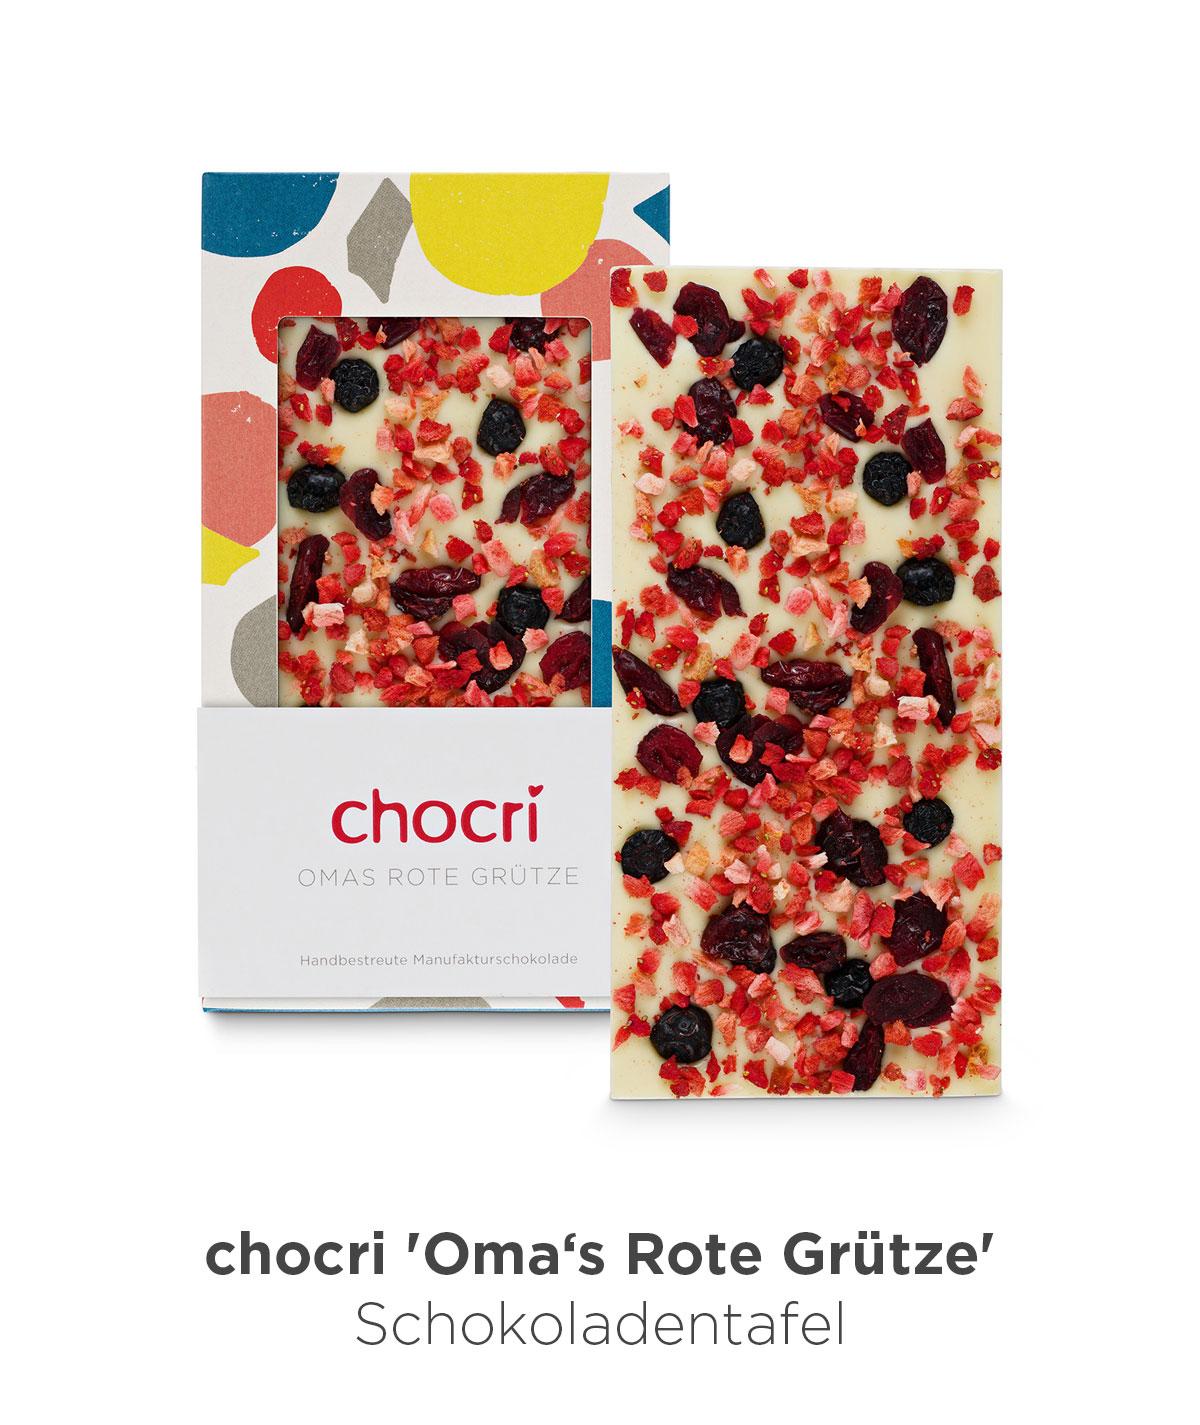 chocri 'Omas Rote Grütze' weiße Schokoladentafel mit Erdbeerscheiben, aromatischen Heidelbeeren und süß-sauren Cranberries